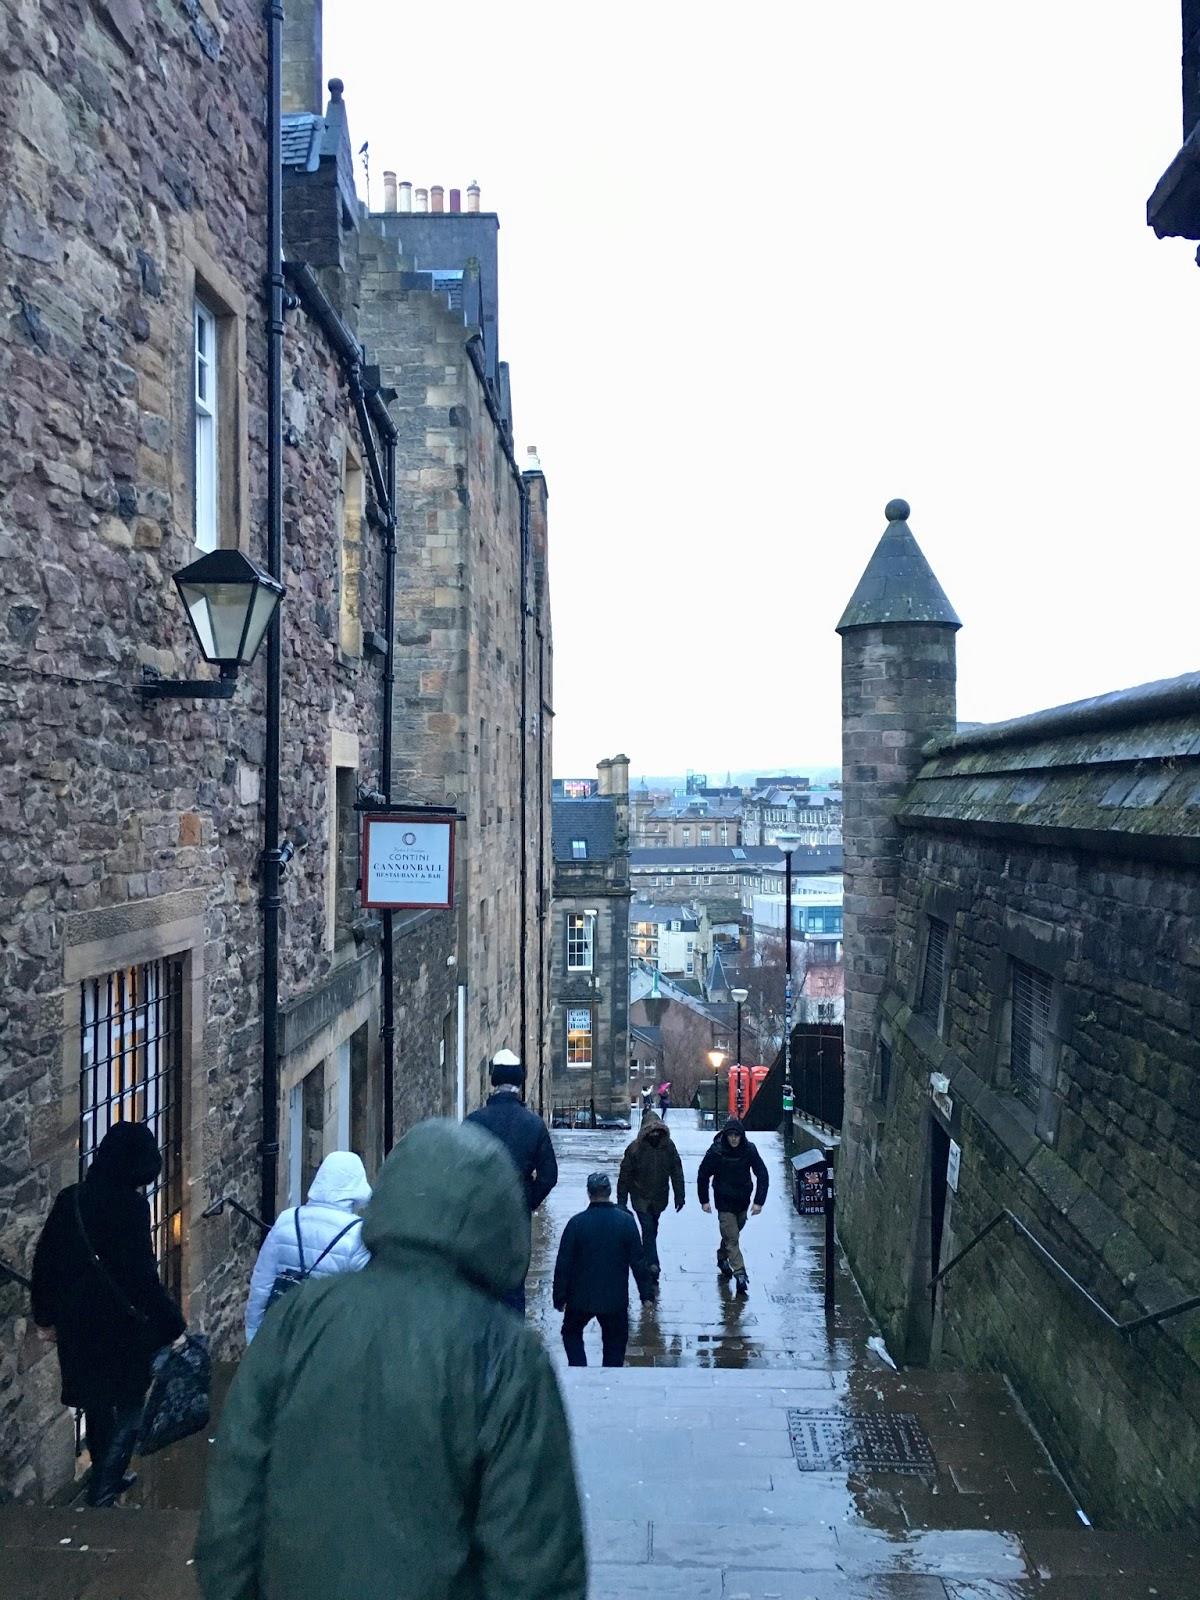 2017英國深度之旅-Day8(2)愛丁堡城堡,格子呢編織工廠,聖蓋爾教堂 | SophiaのPlaymobil摩比玩樂手帳